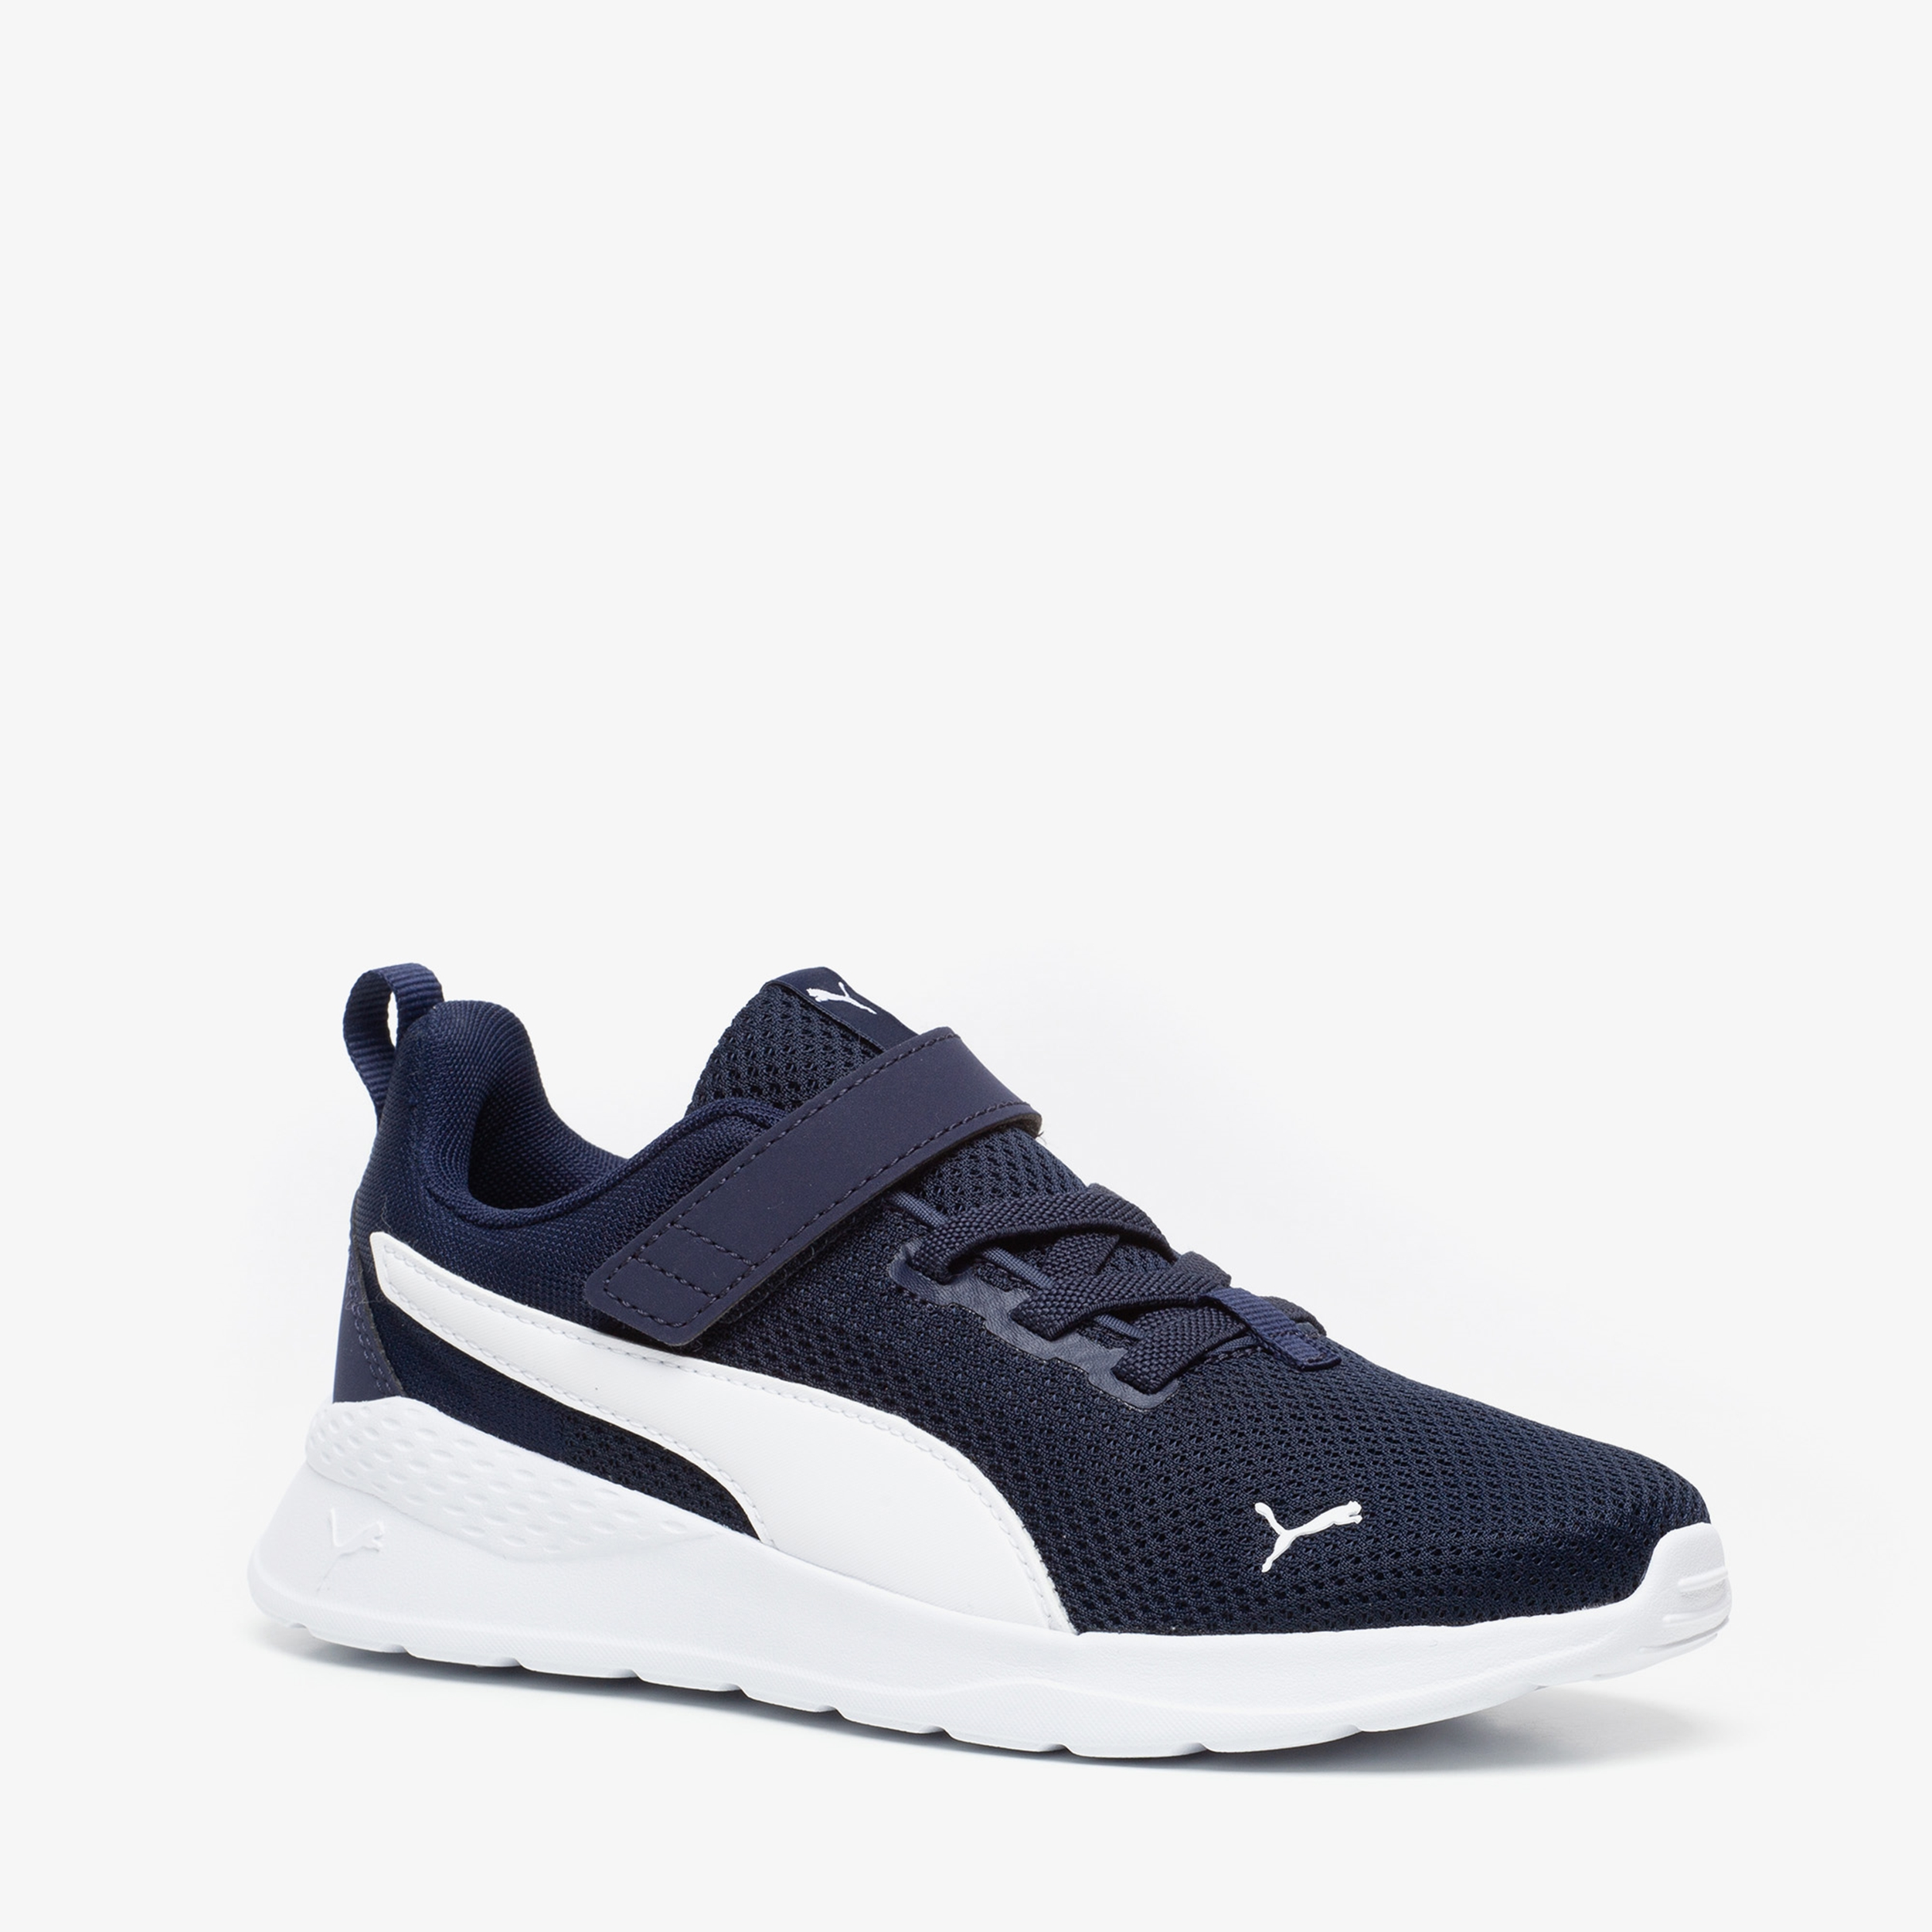 Puma Anzarun Lite kinder sneakers | Scapino.nl